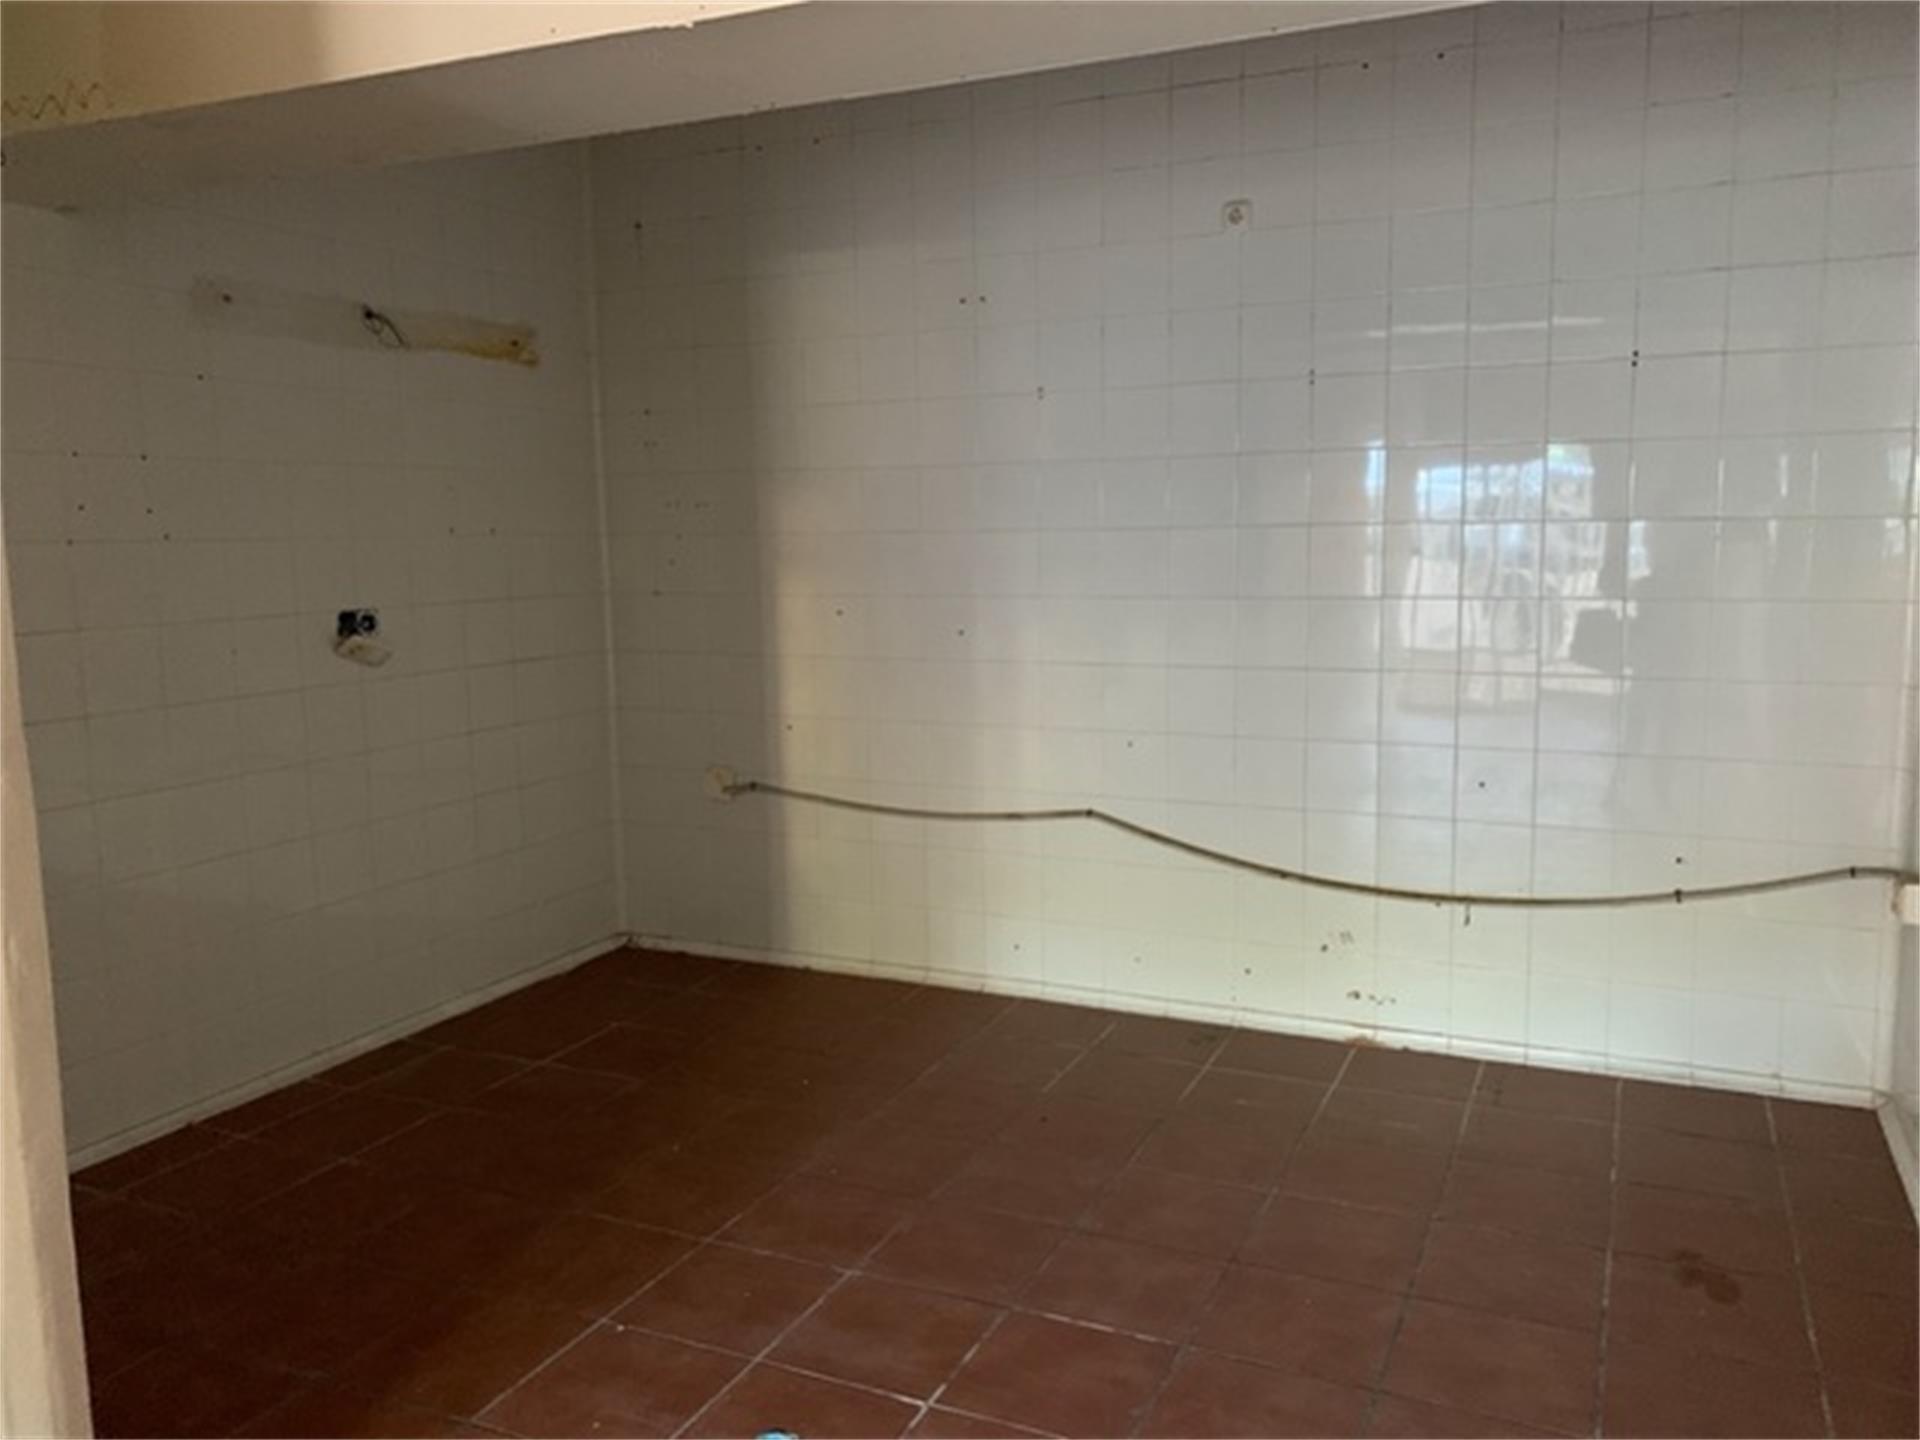 Local de alquiler en Plaza Calle Beamar de Calahonda, 1 Calahonda (Mijas, Málaga)